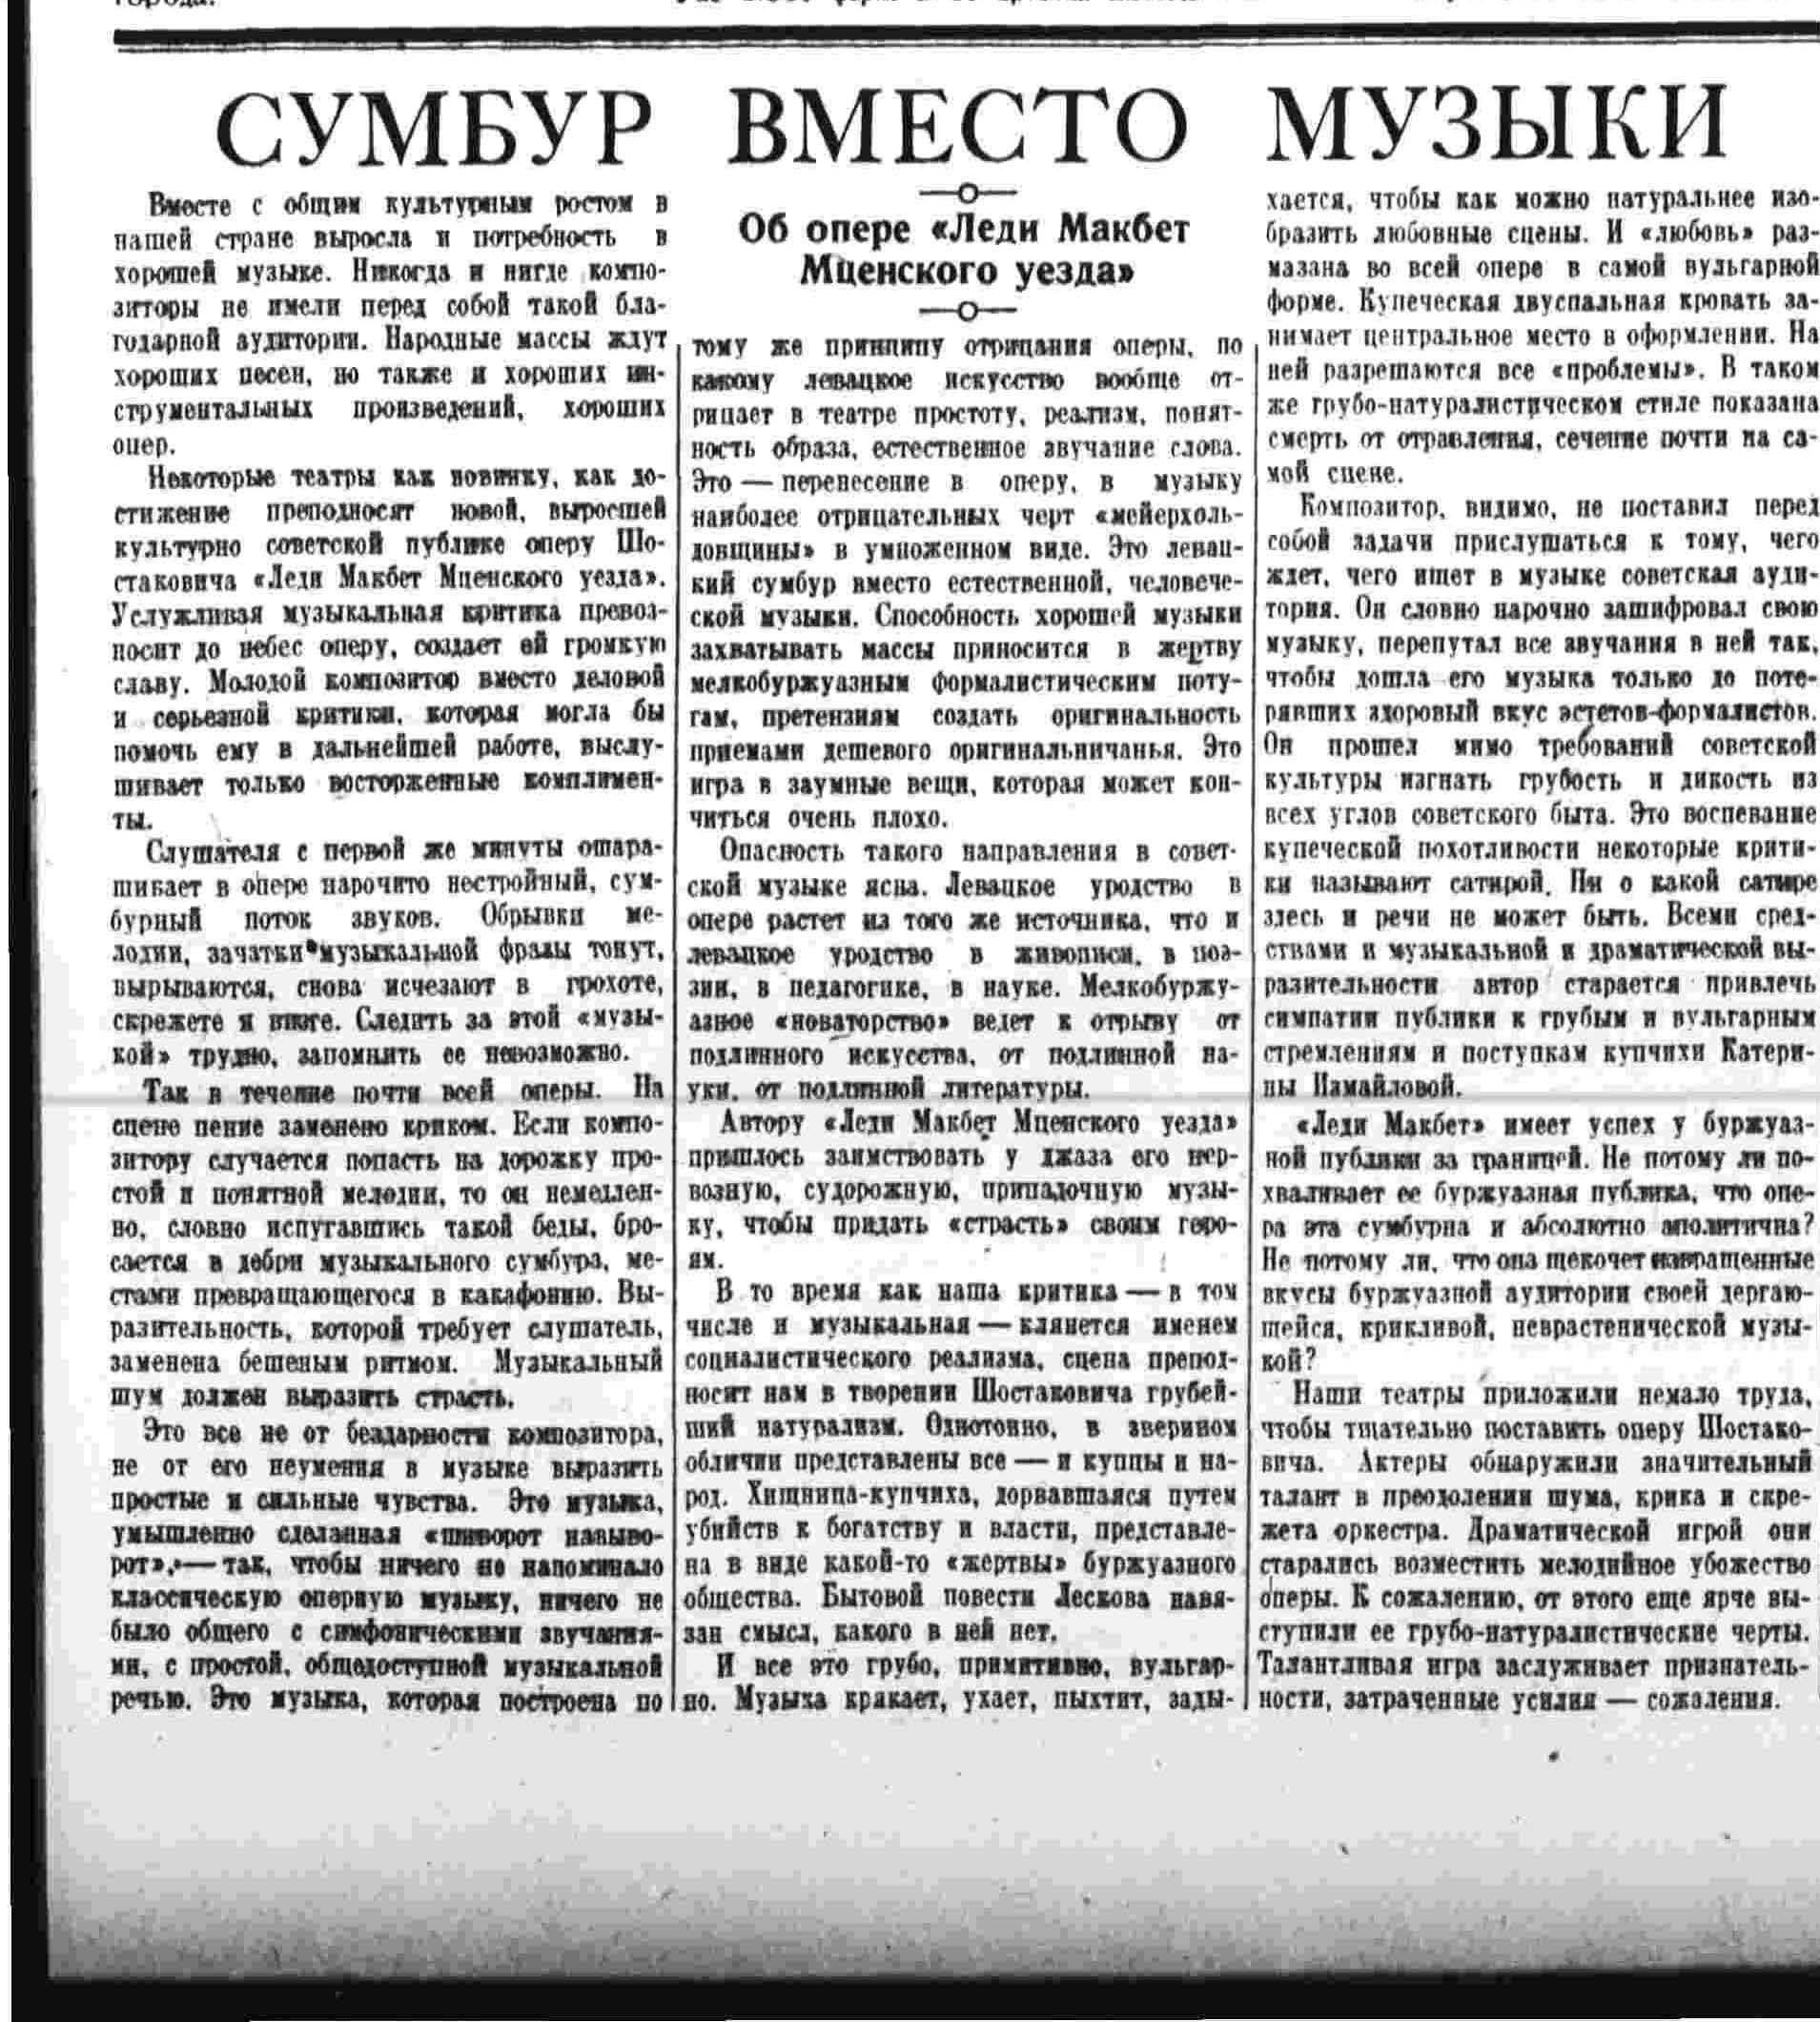 Pravda, January 28, 1936